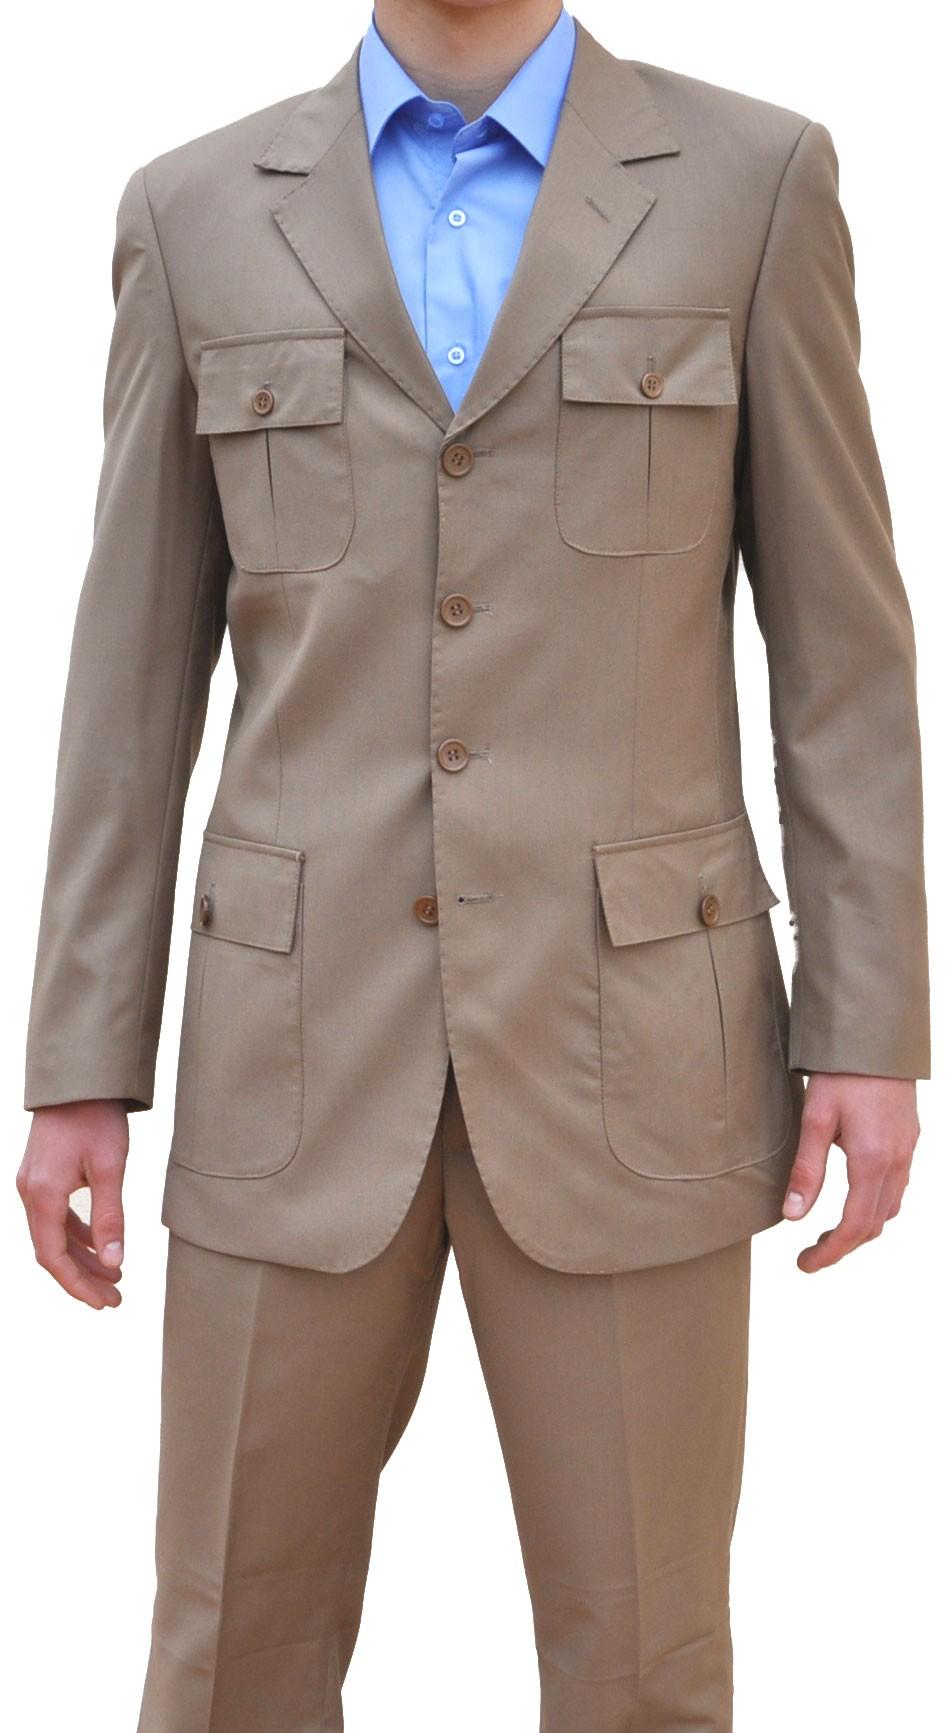 saharienne homme d couvrez de beaux mod les de veste adopter. Black Bedroom Furniture Sets. Home Design Ideas